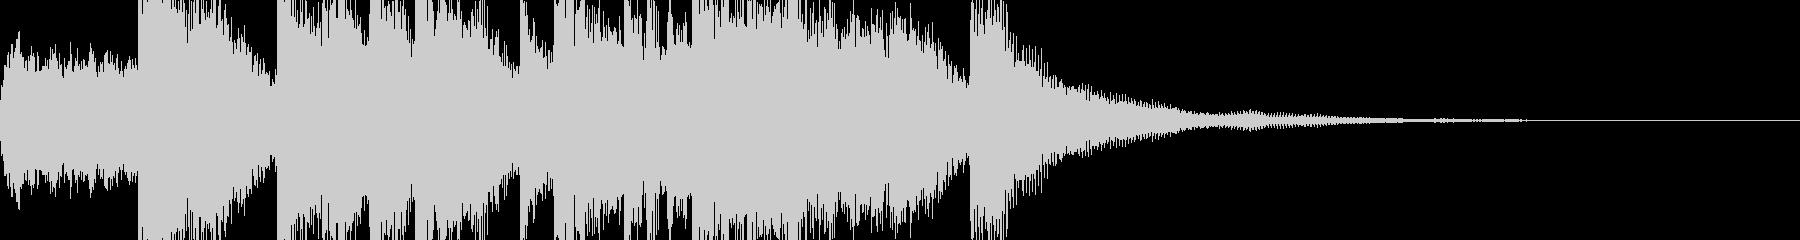 報酬系ファンファーレ(シンセブラス他) の未再生の波形